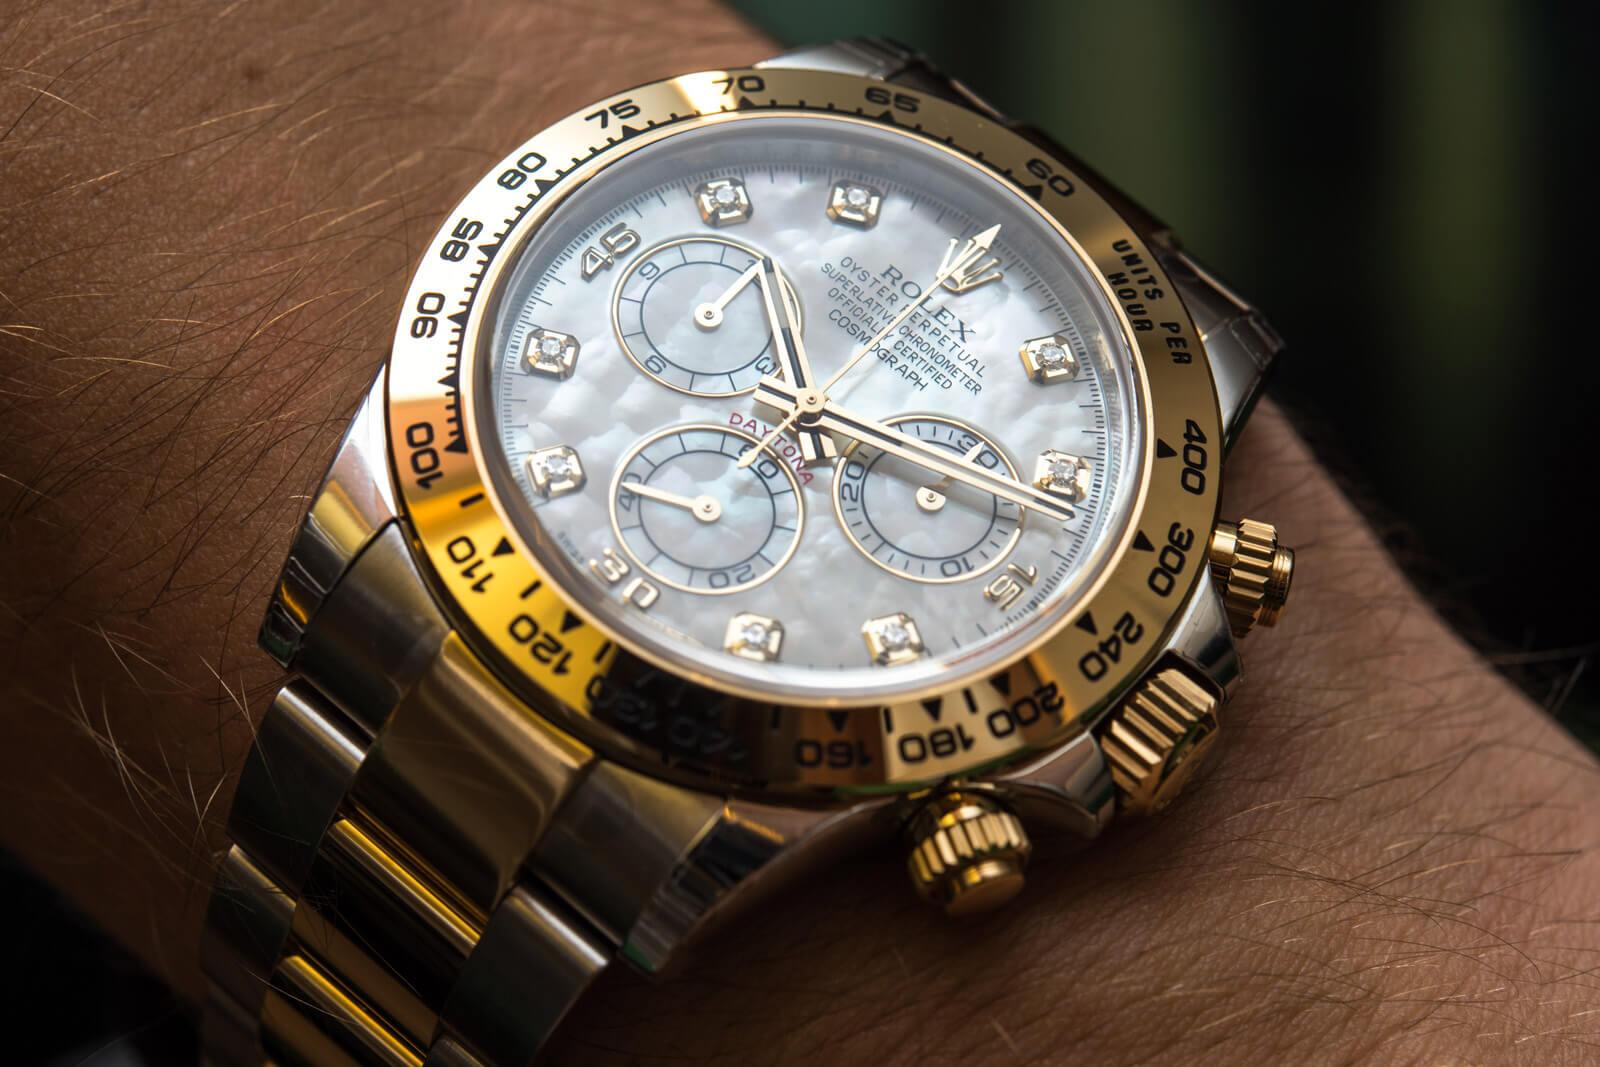 Rolex Daytona 116503 - Beli biser sa dijamantima